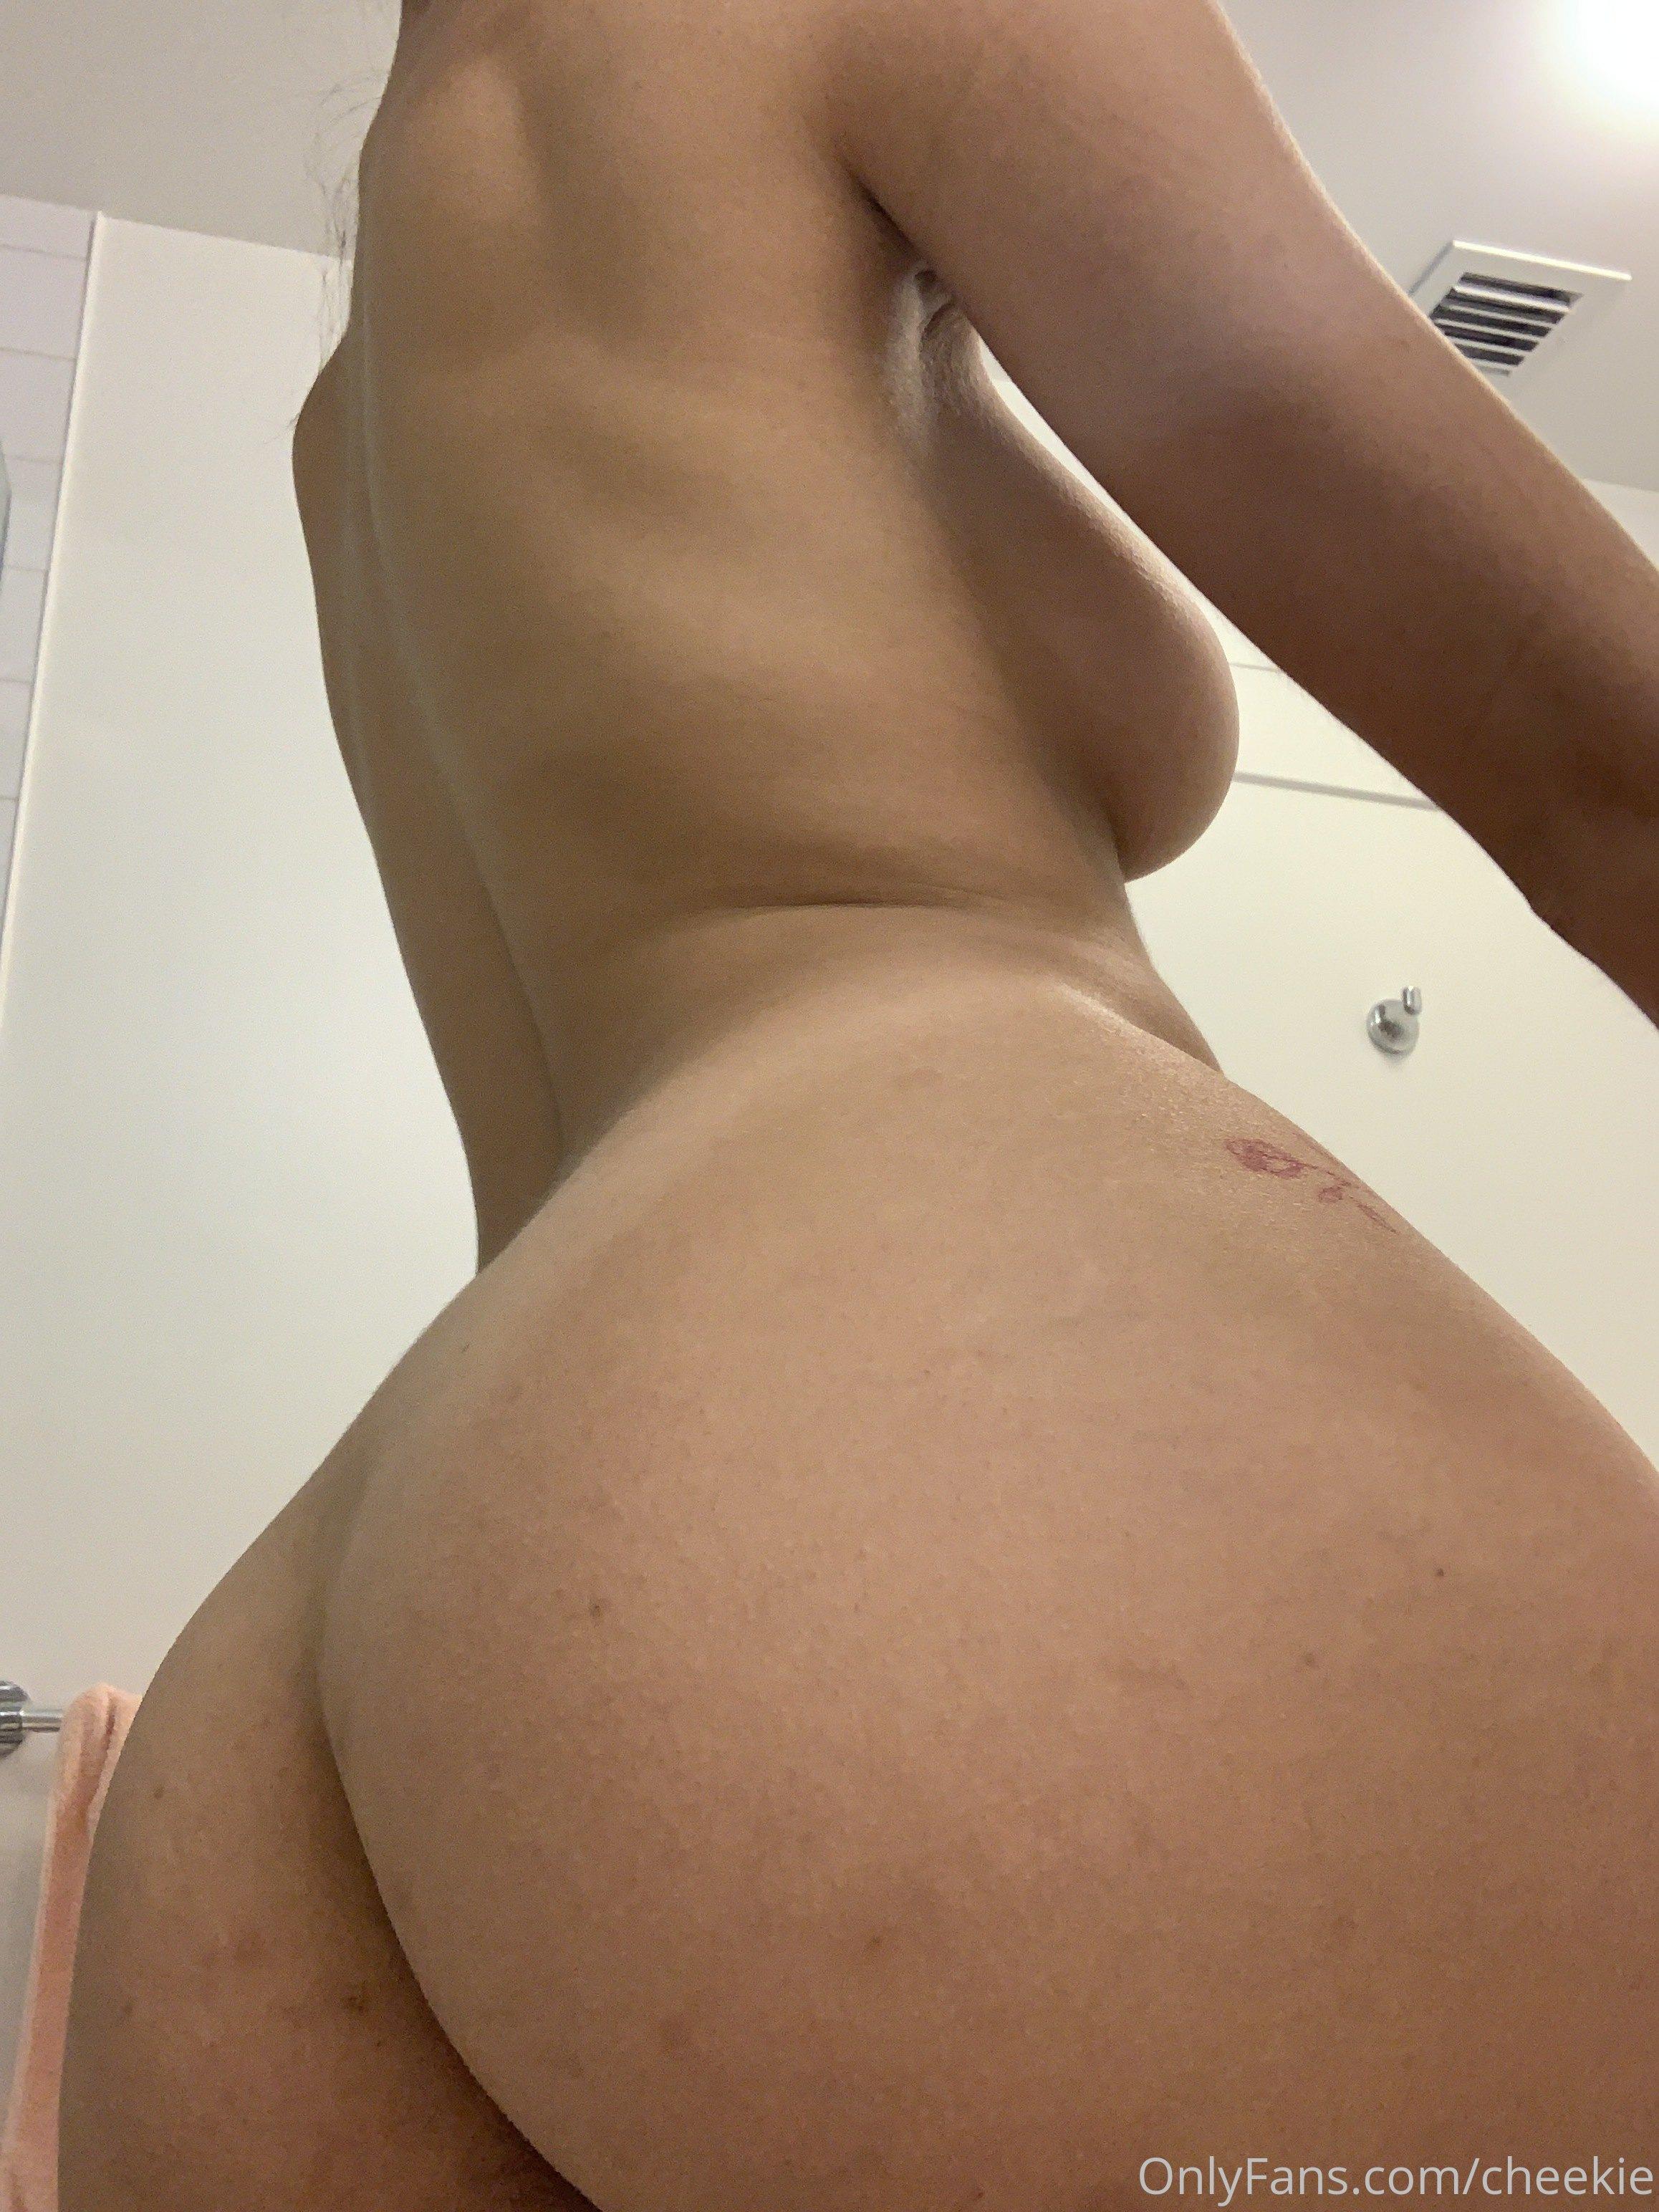 Cheekie, Onlyfans Nude Leaks 0033